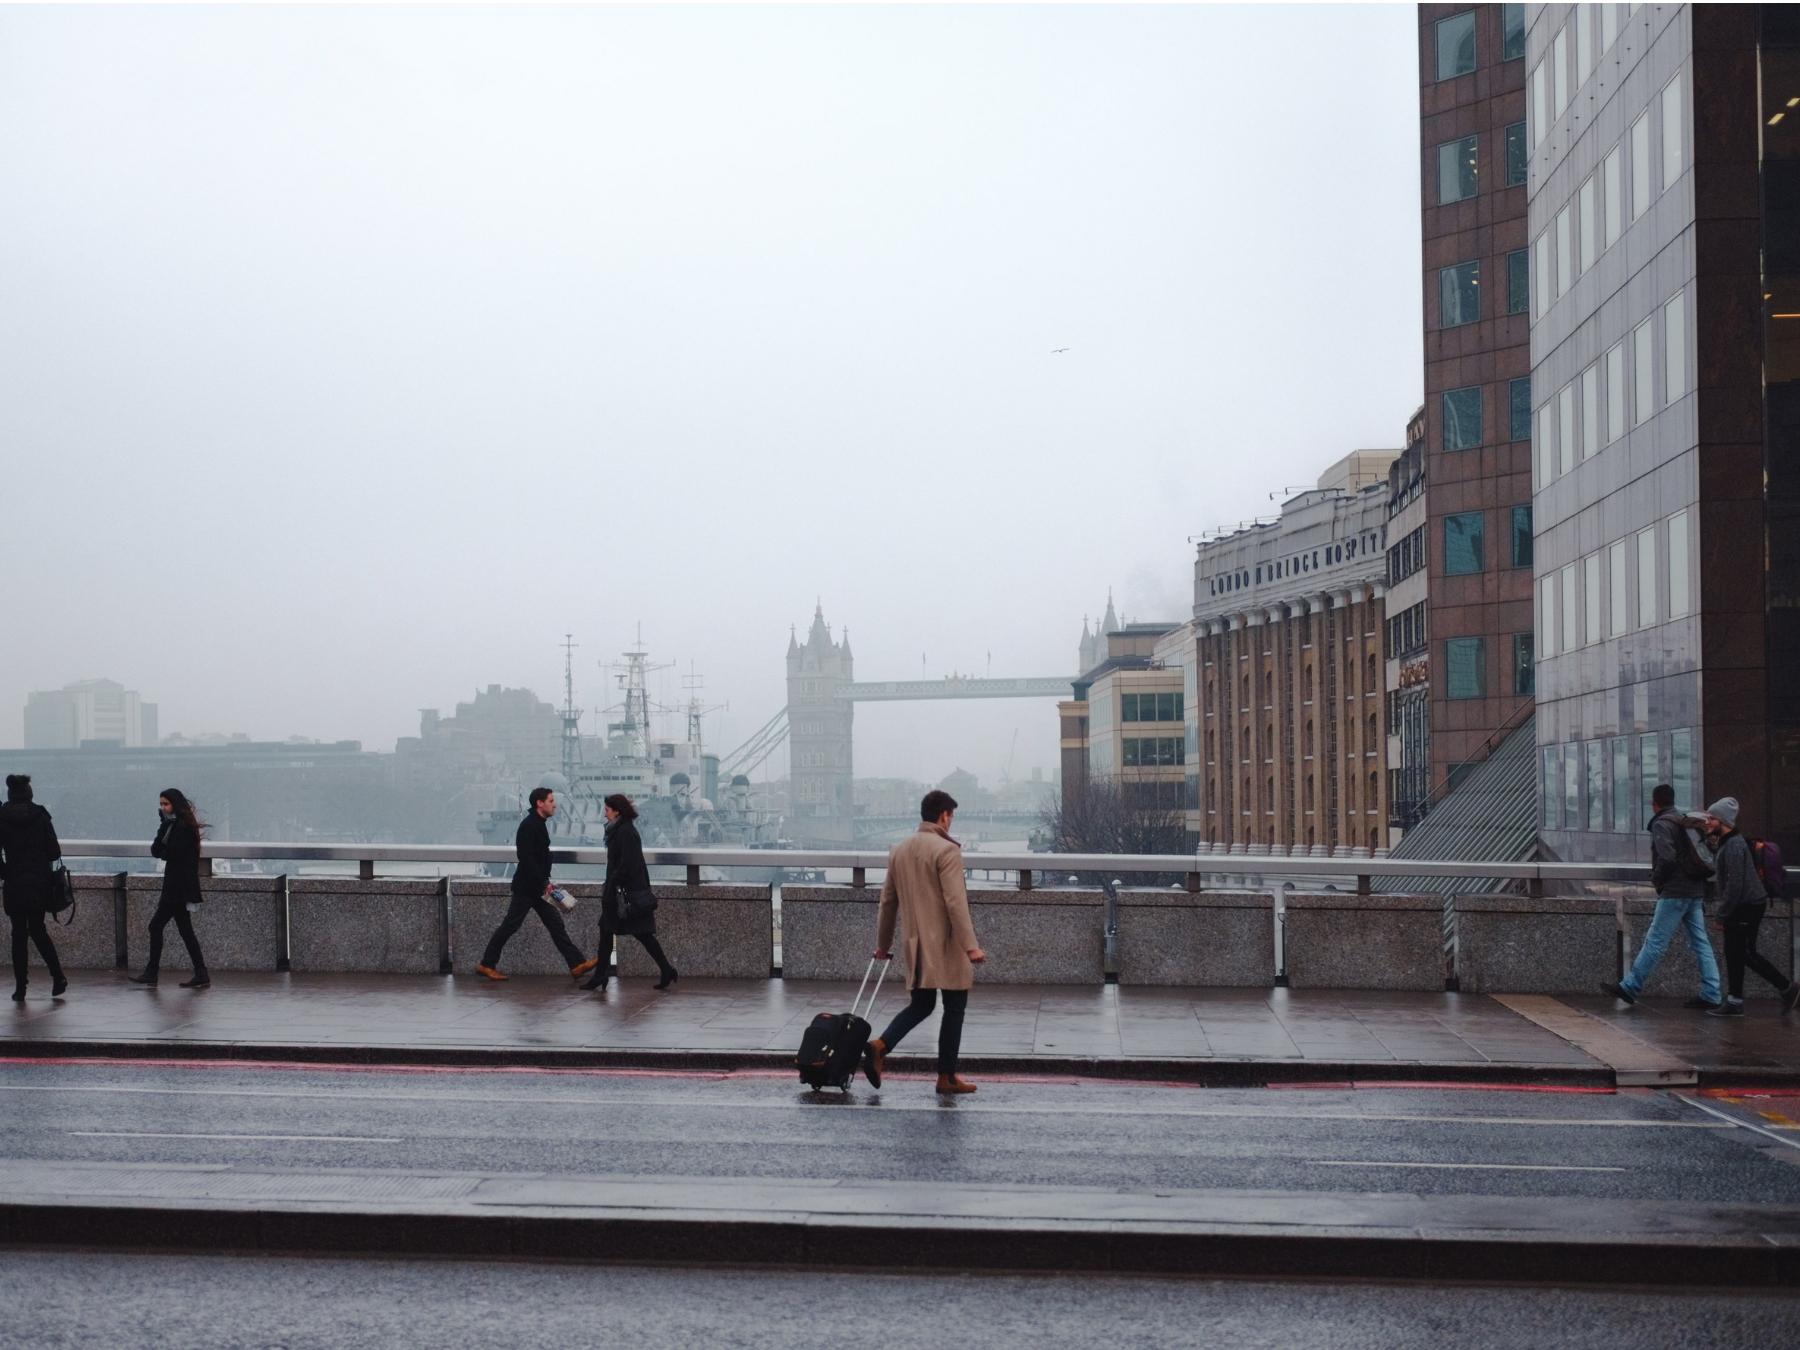 Qual-o-melhor-seguro-para-viagem-a-londres-preciso Qual o melhor seguro para viagem a Londres